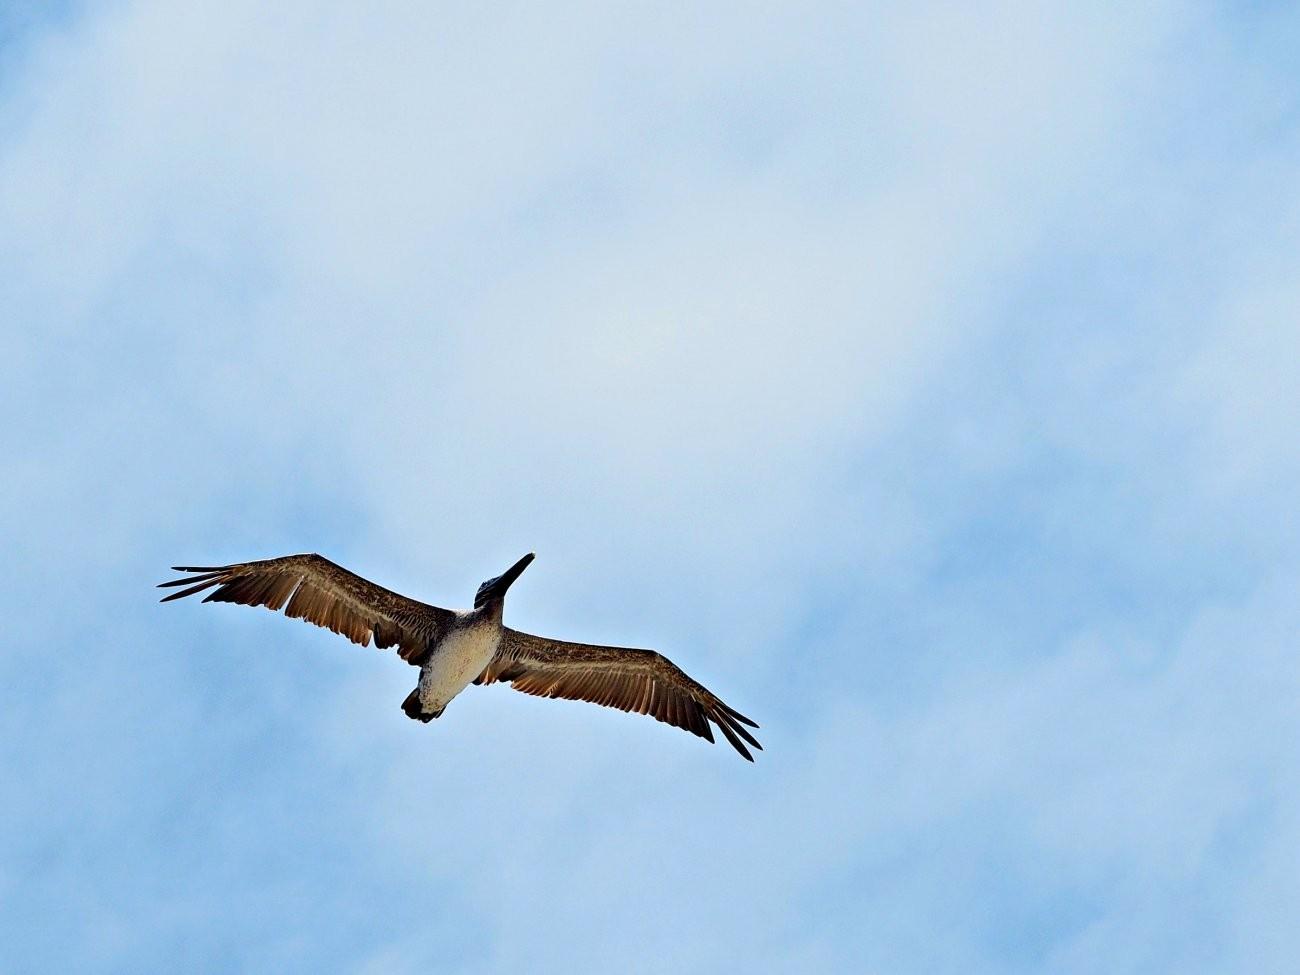 pelican1-ipiccy.jpg